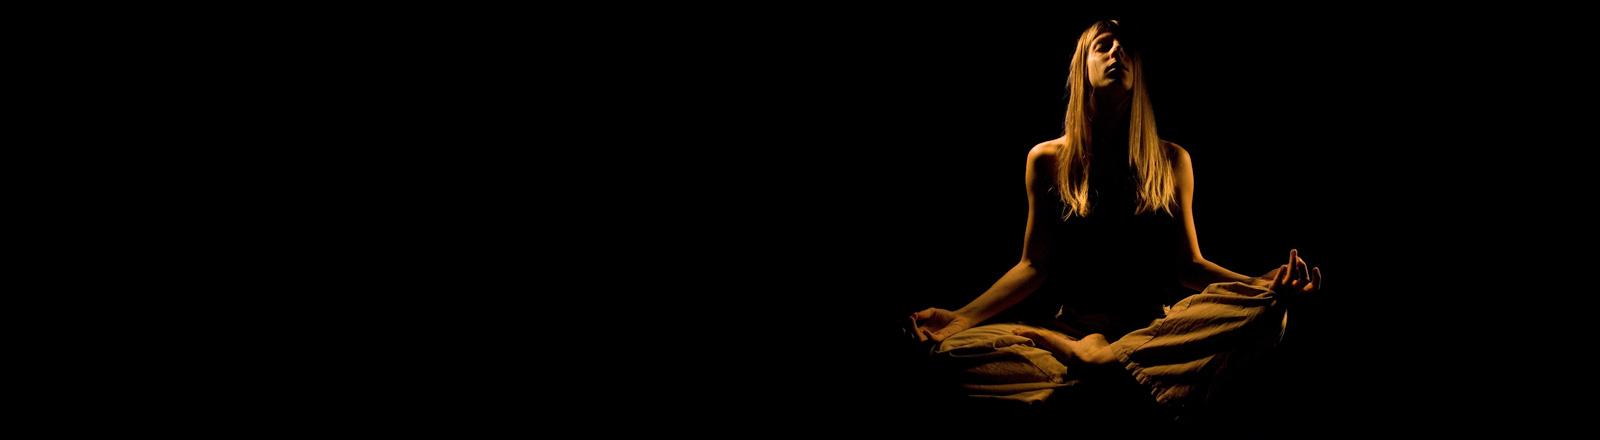 Eine Frau sitzt im Lotussitz vor schwarzem Hintergrund. Sie hat die Augen geschlossen und meditiert.